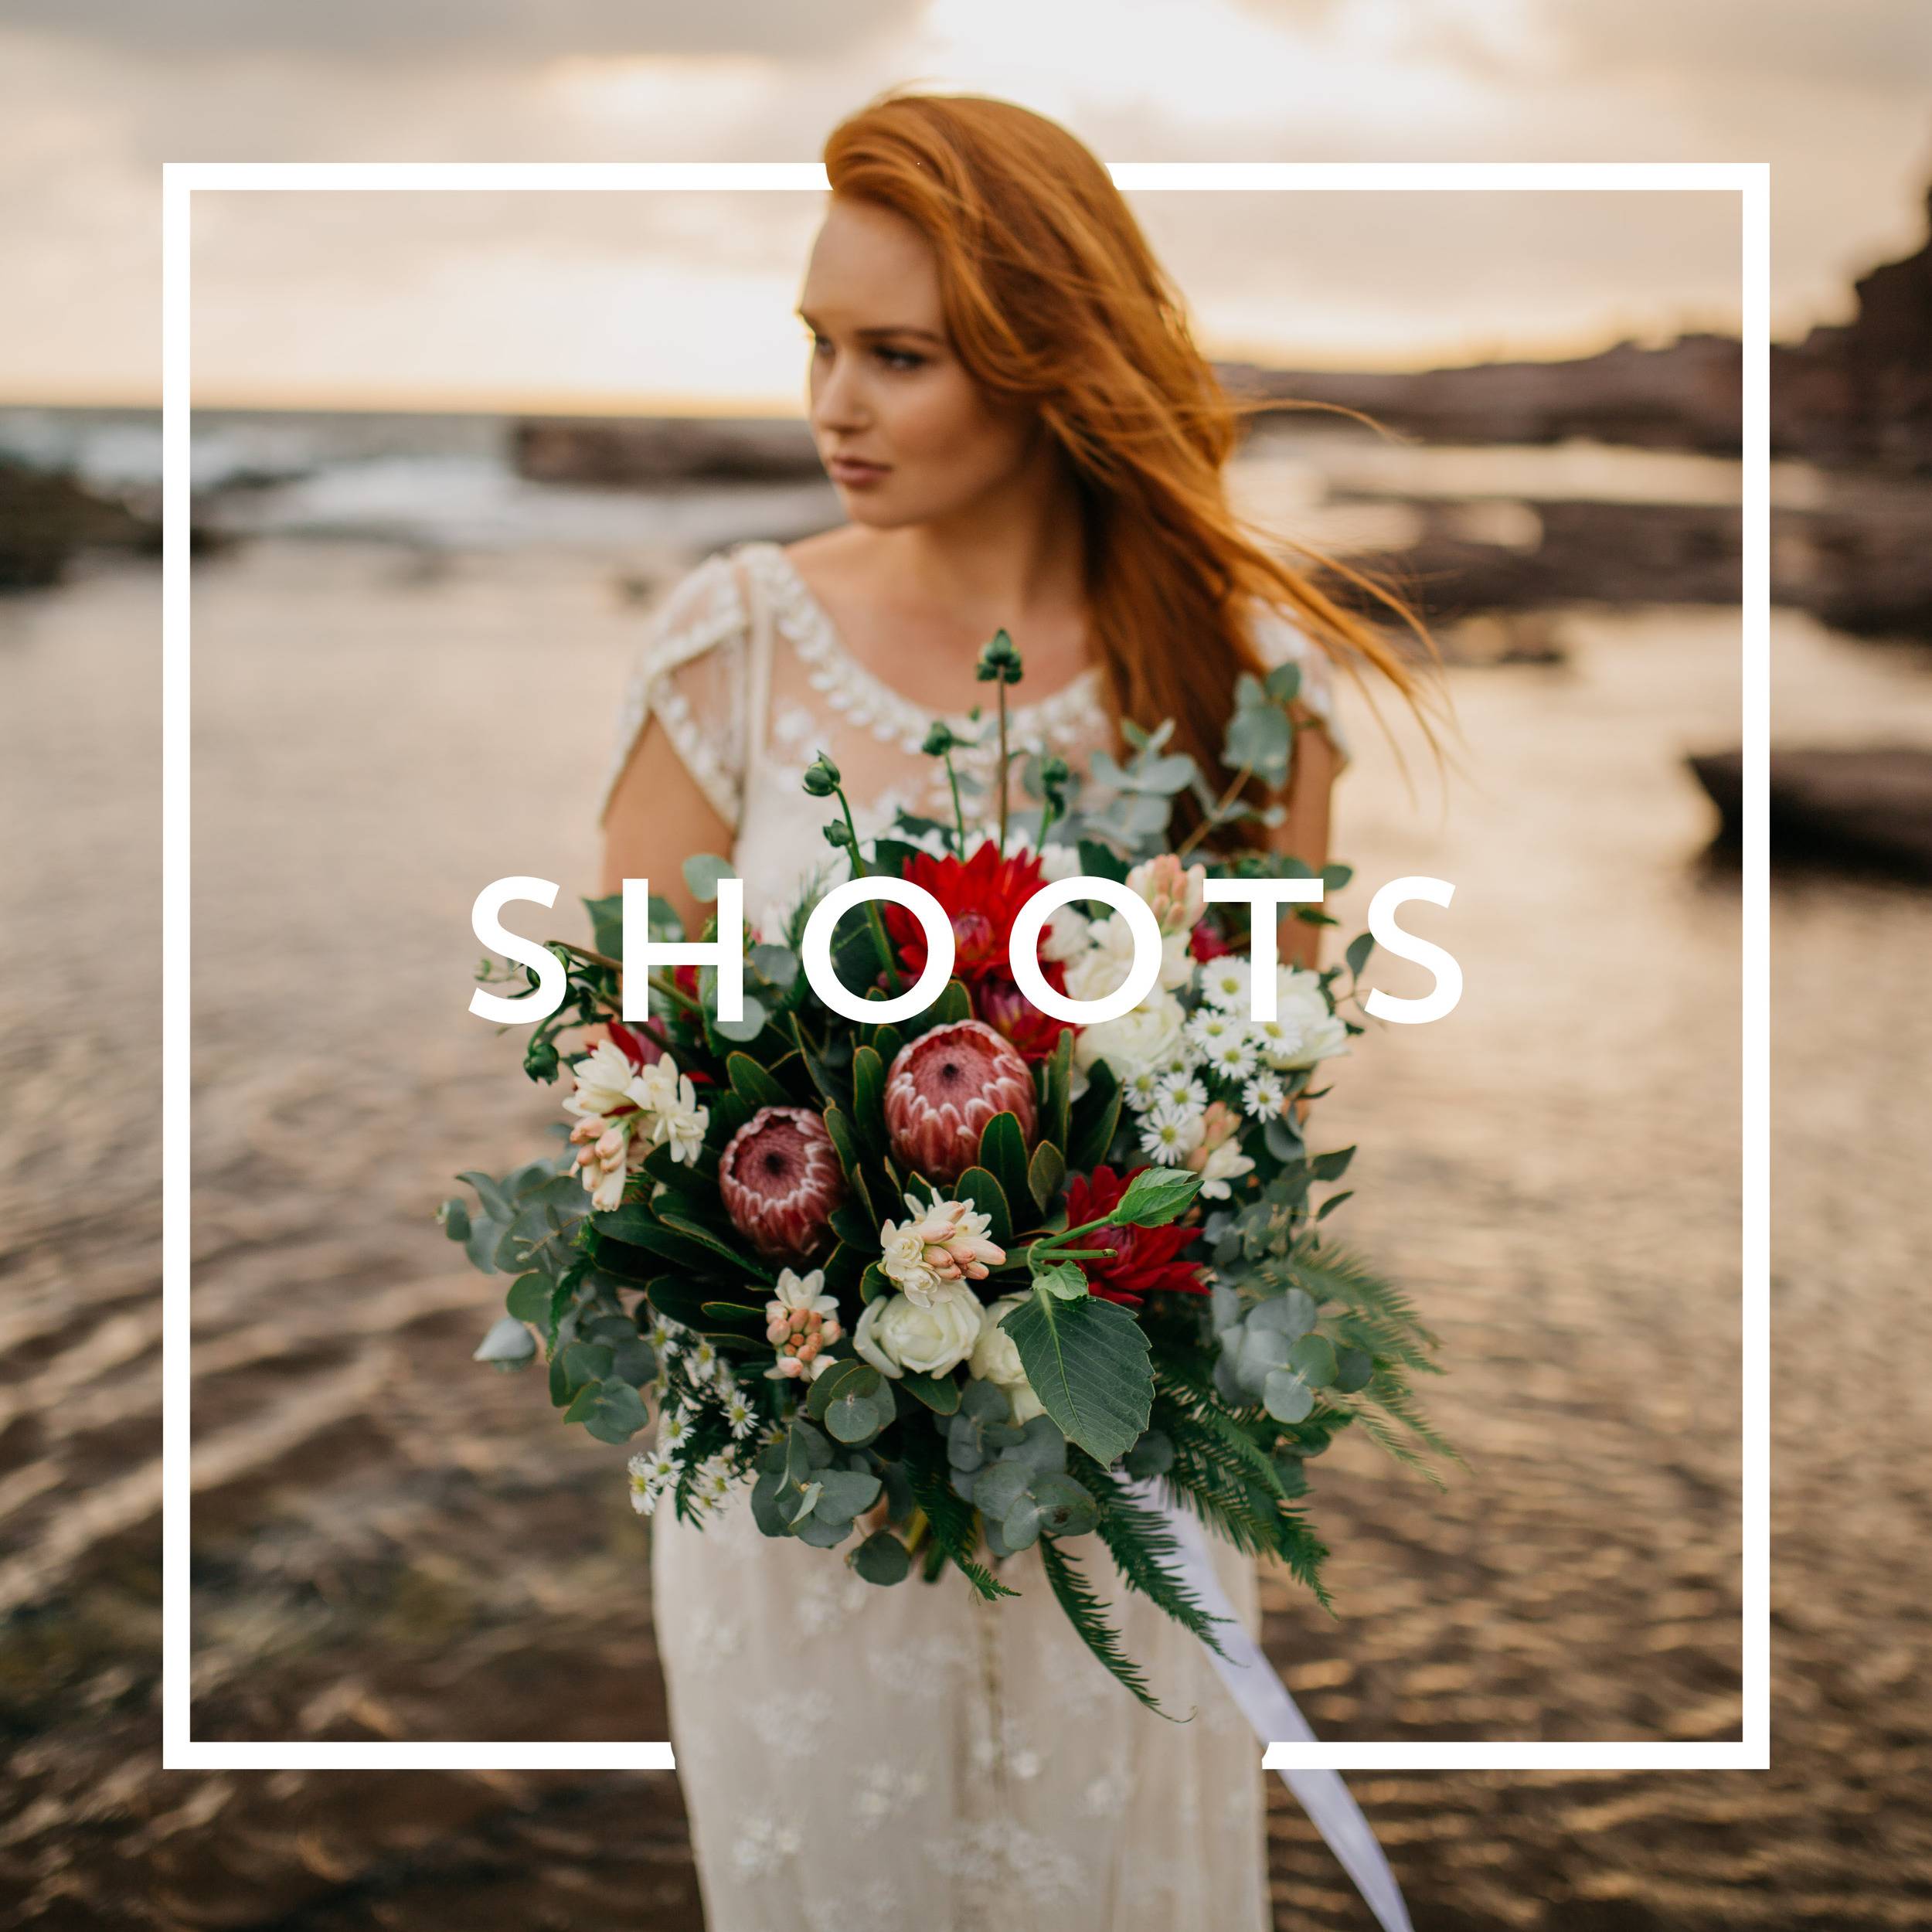 Copy of SHOOTS